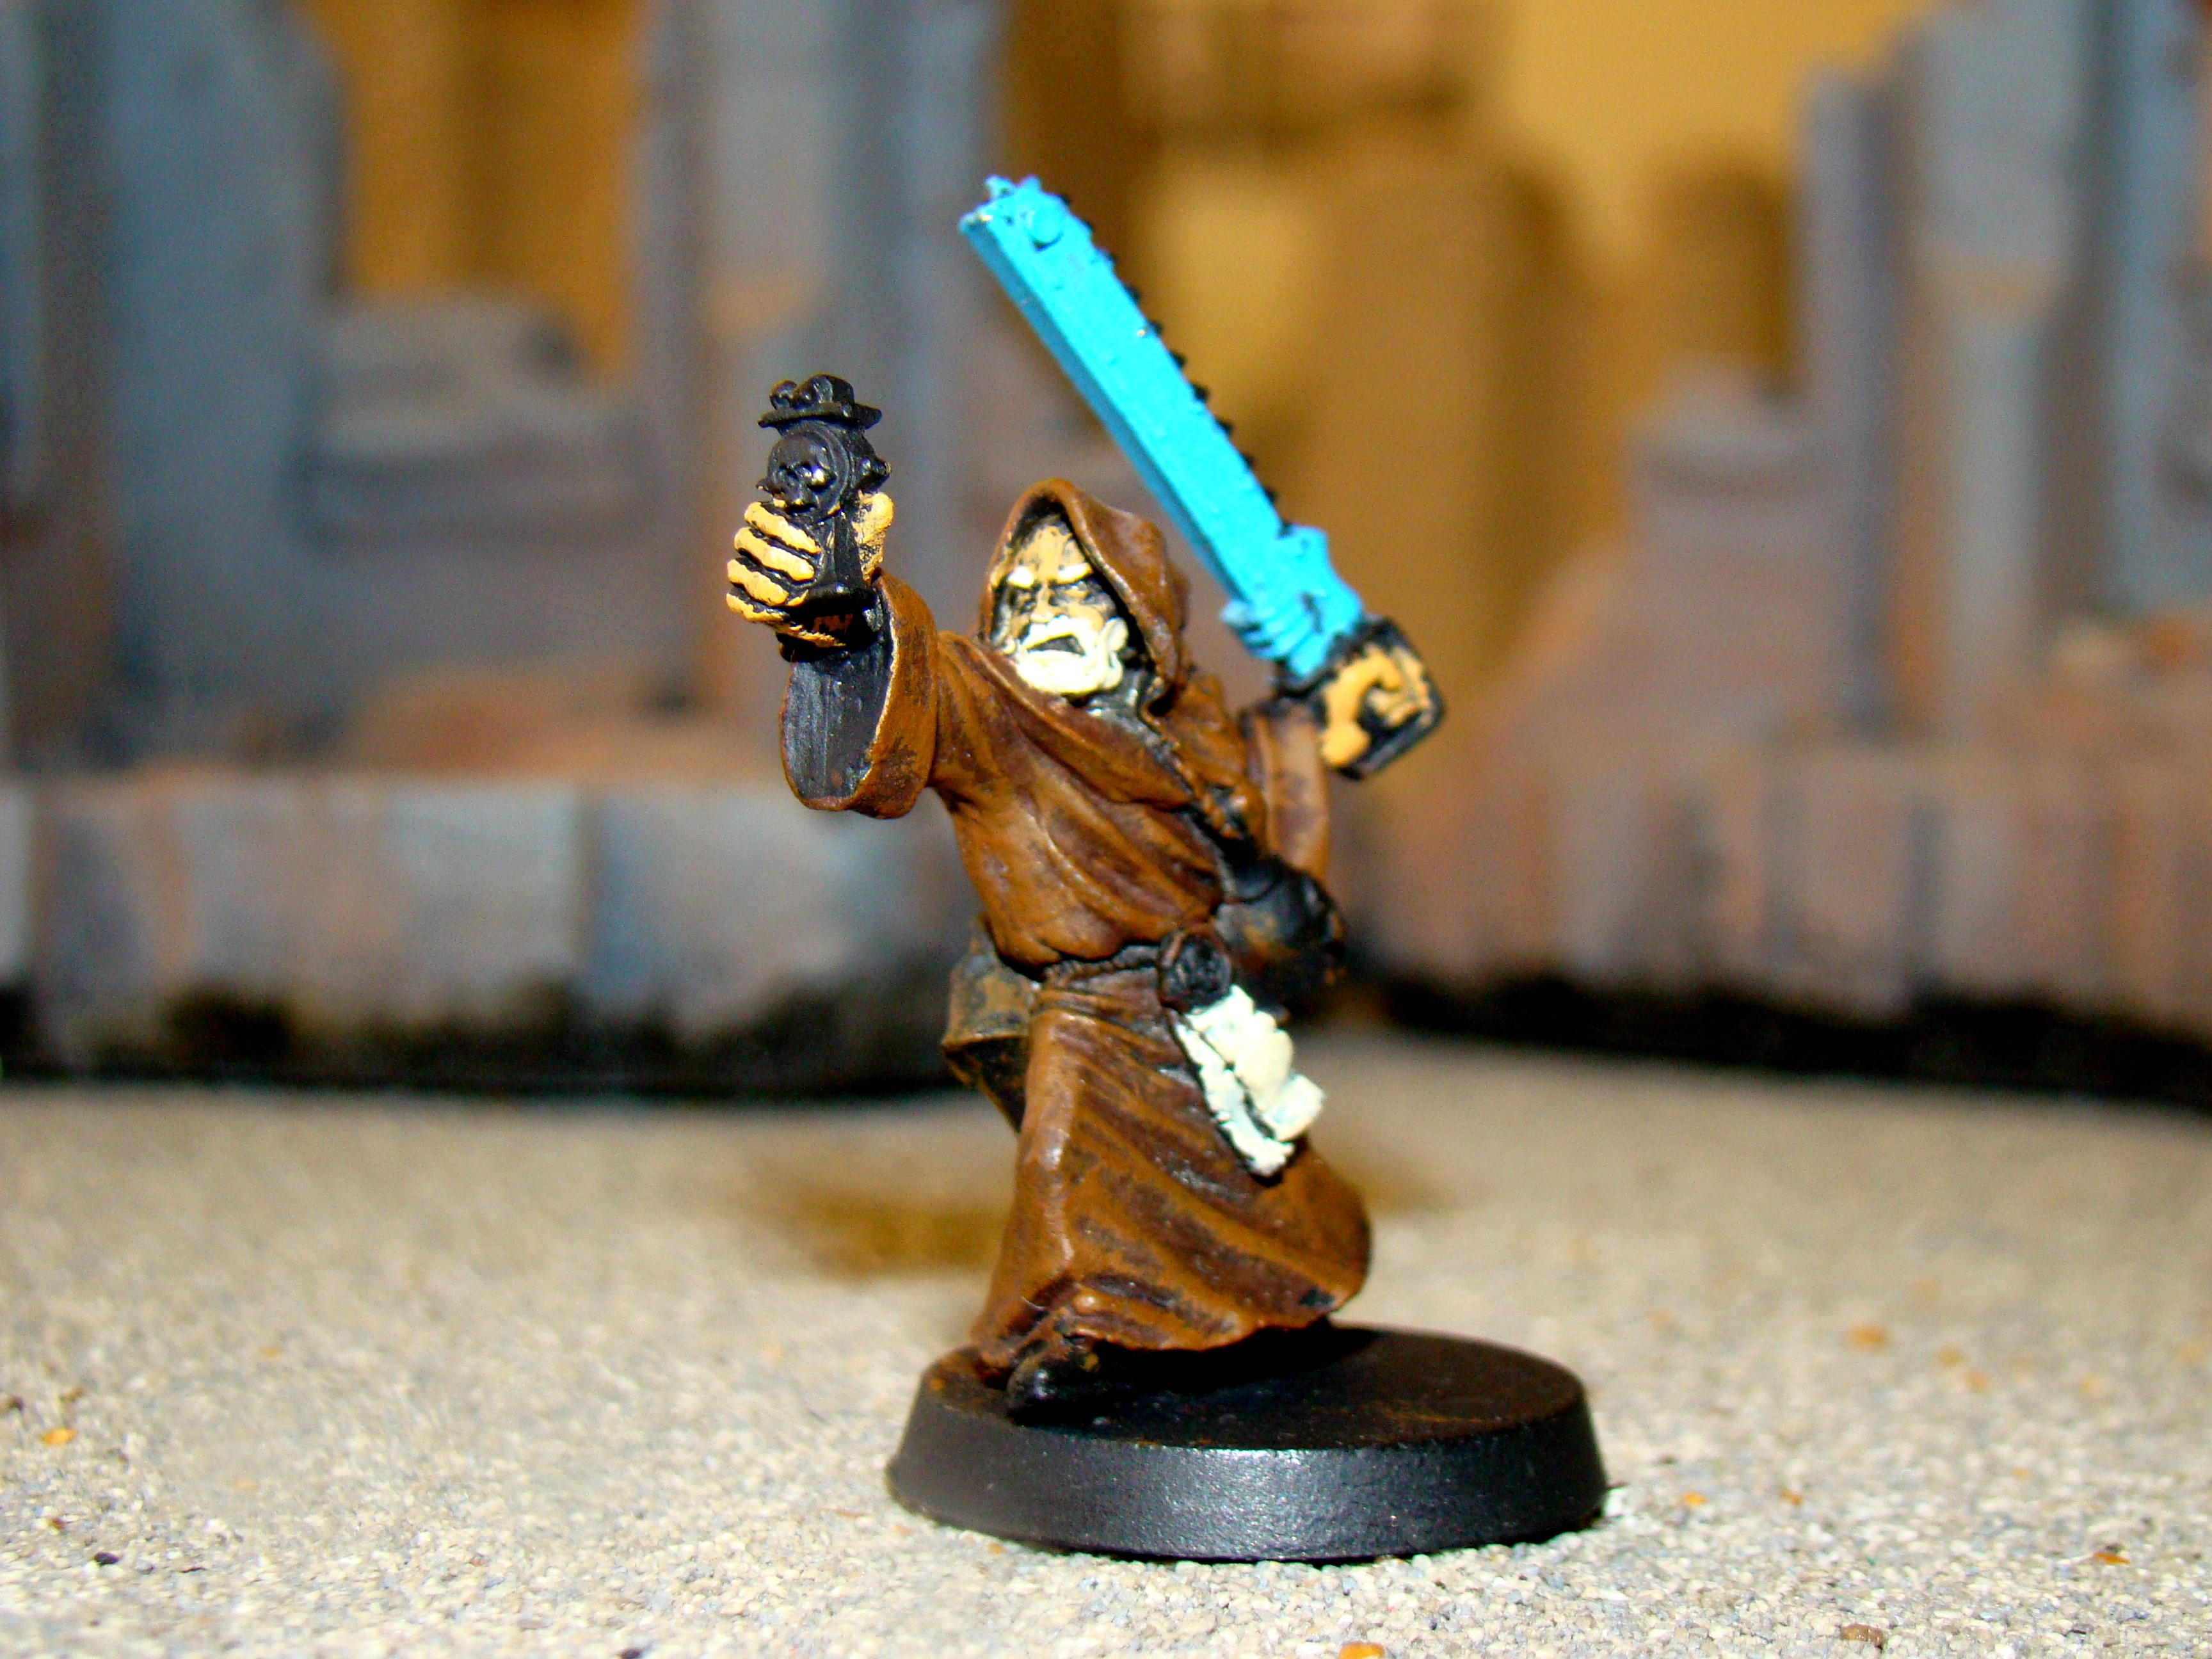 Henchmen, Inquisition, Jedi, Star Wars